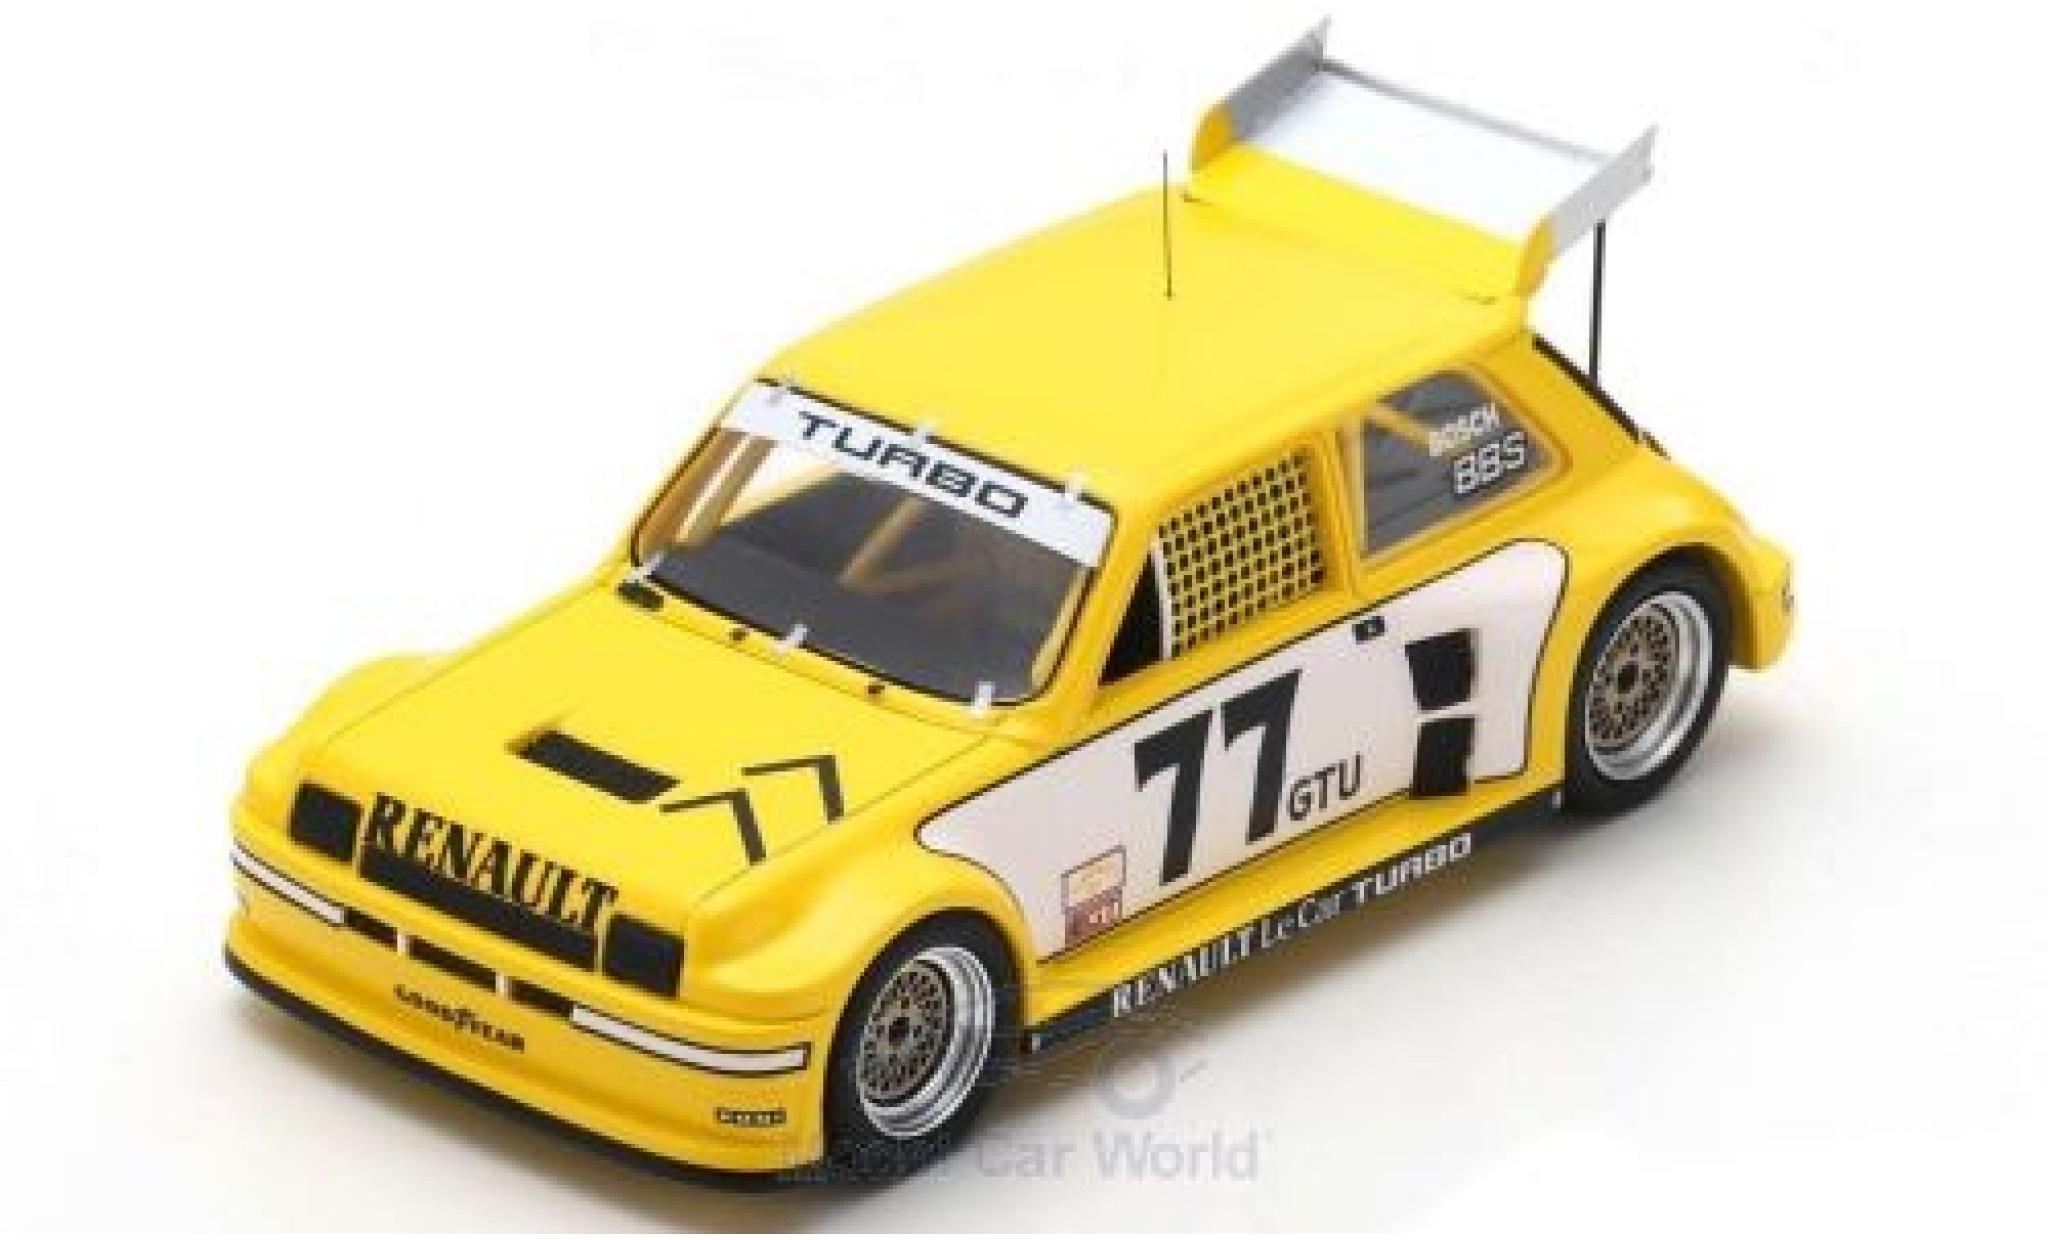 Renault 5 1/43 Spark Turbo No.77 Racing IMSA GTU Road Atlanta 1981 P.Jacquemart